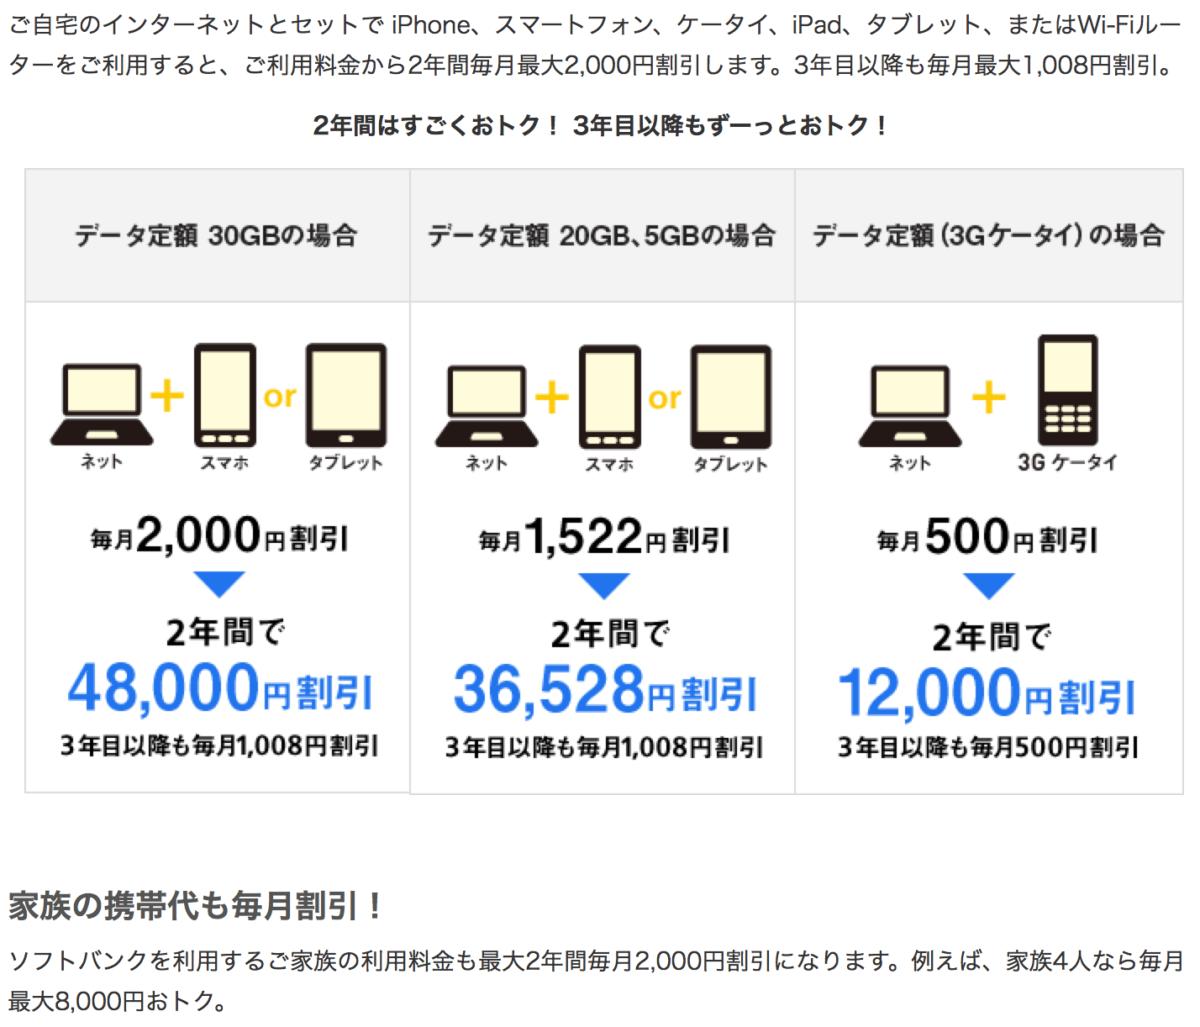 ソフトバンクエアー ソフトバンク携帯の割引